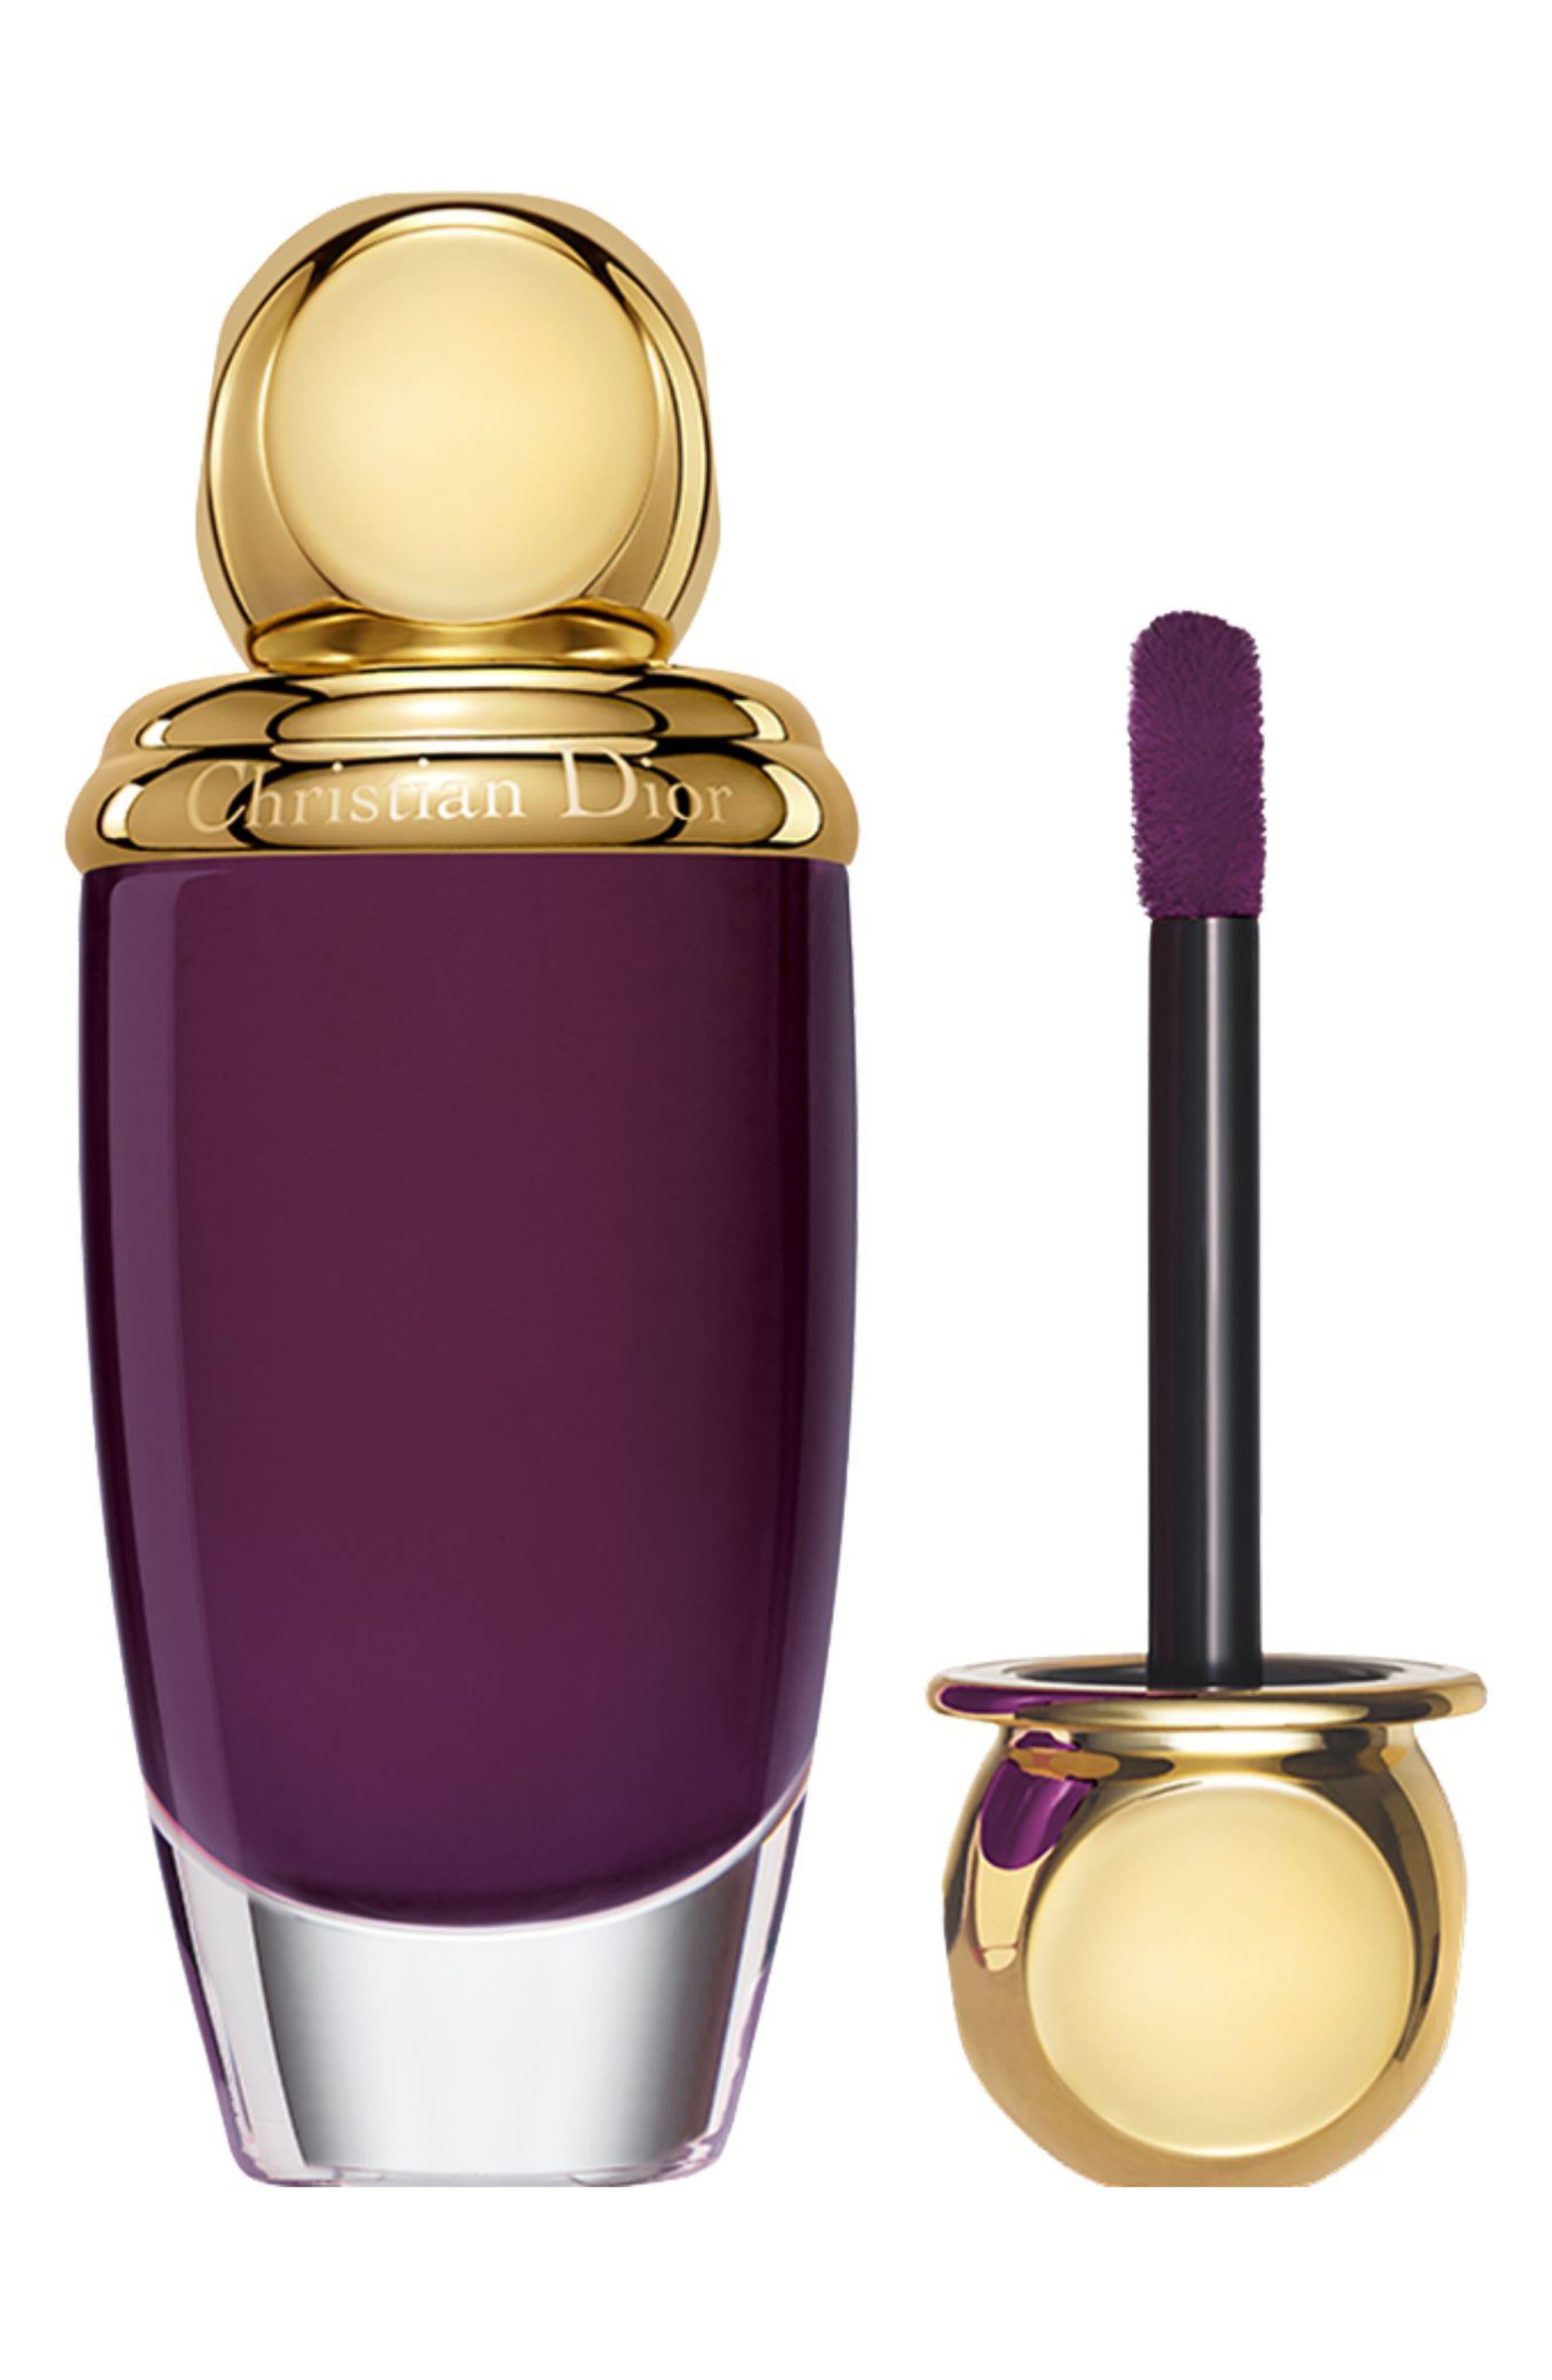 Diorific Matte Fluid Lip & Cheek Velvet Colour,                         Main,                         color, 008 INTENSITY